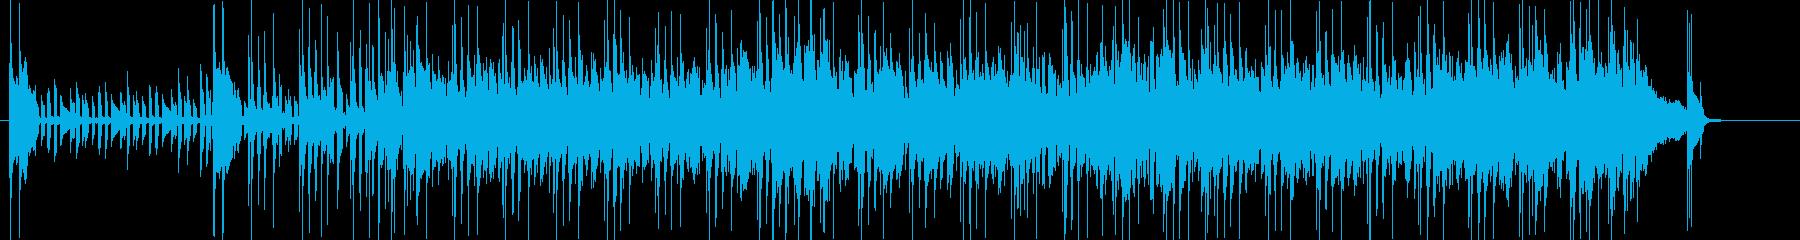 クラビとワウギターFUNKYジャム後半の再生済みの波形